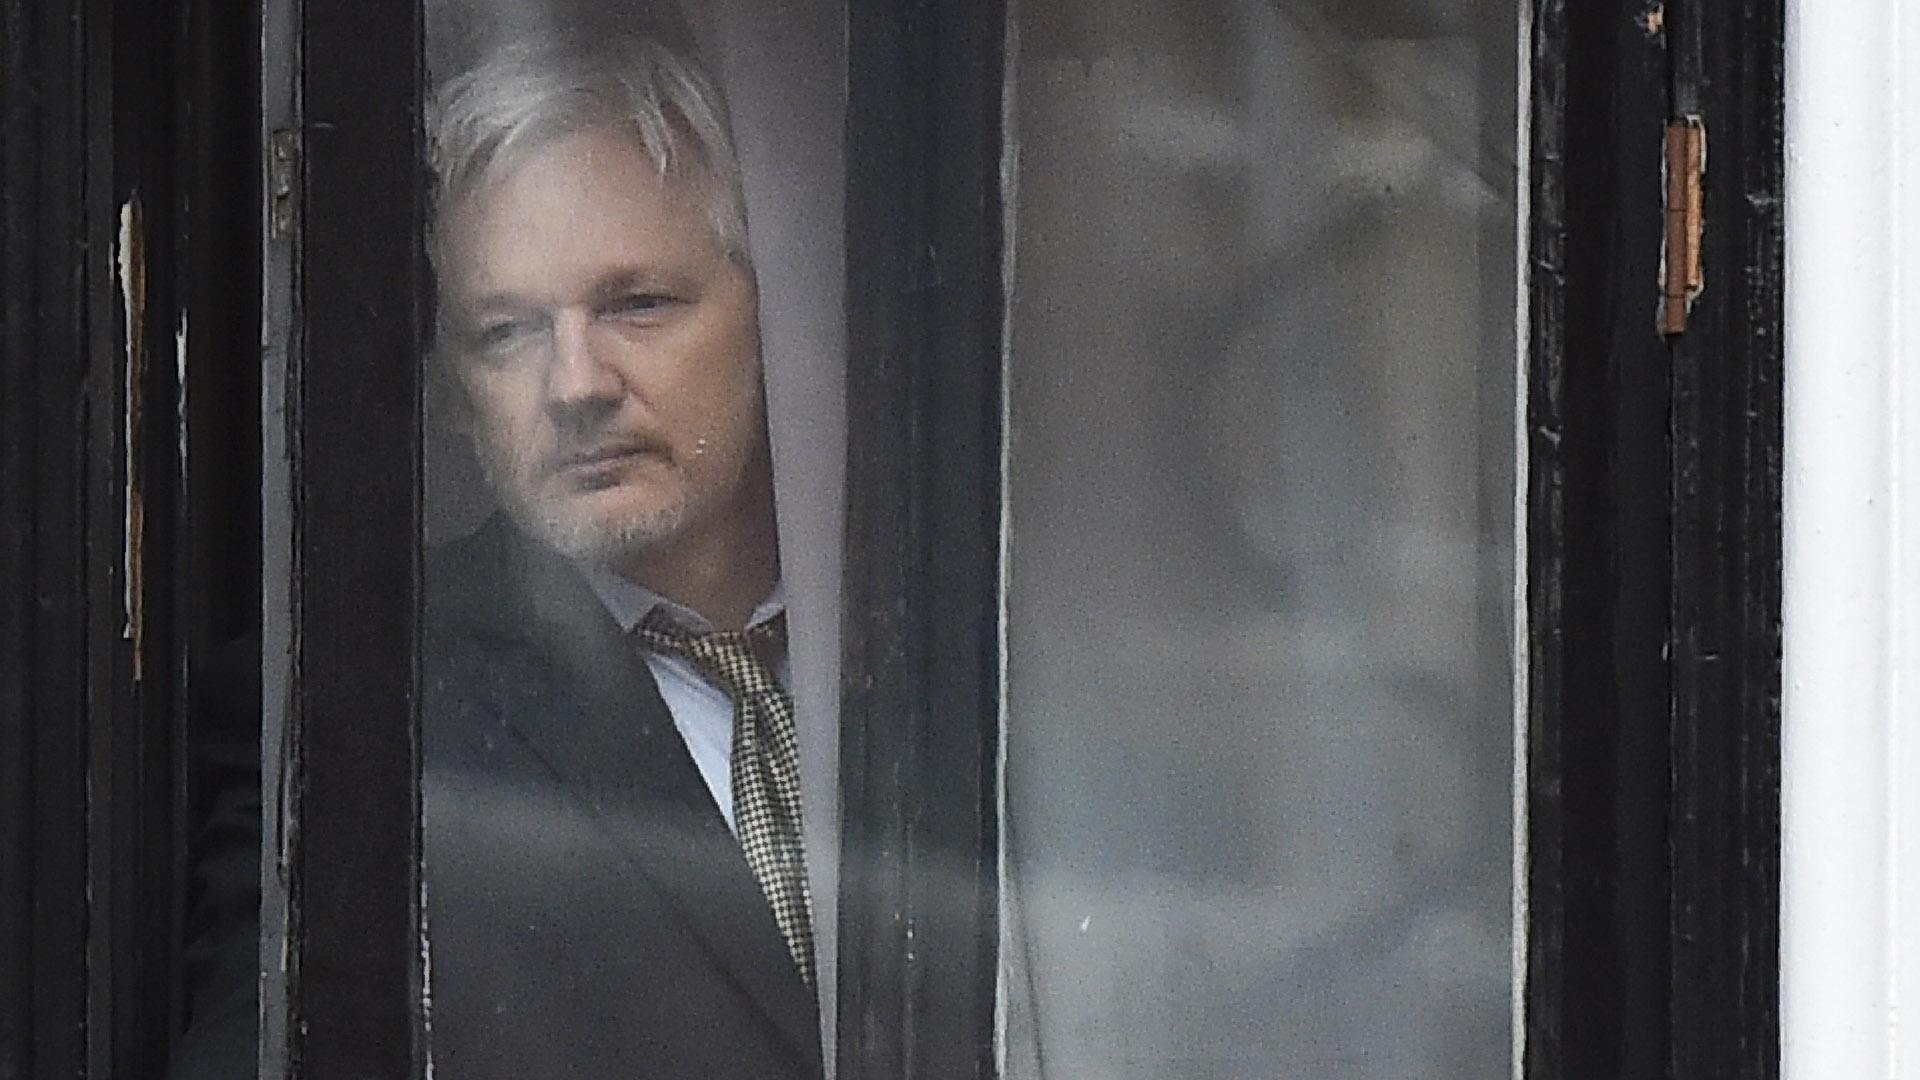 """""""Ecuador decidió soberanamente retirar el asilo diplomático a Julian Assange por violar reiteradamente convenciones internacionales y protocolo de convivencia"""", informó el presidente Lenín Moreno (AFP)"""